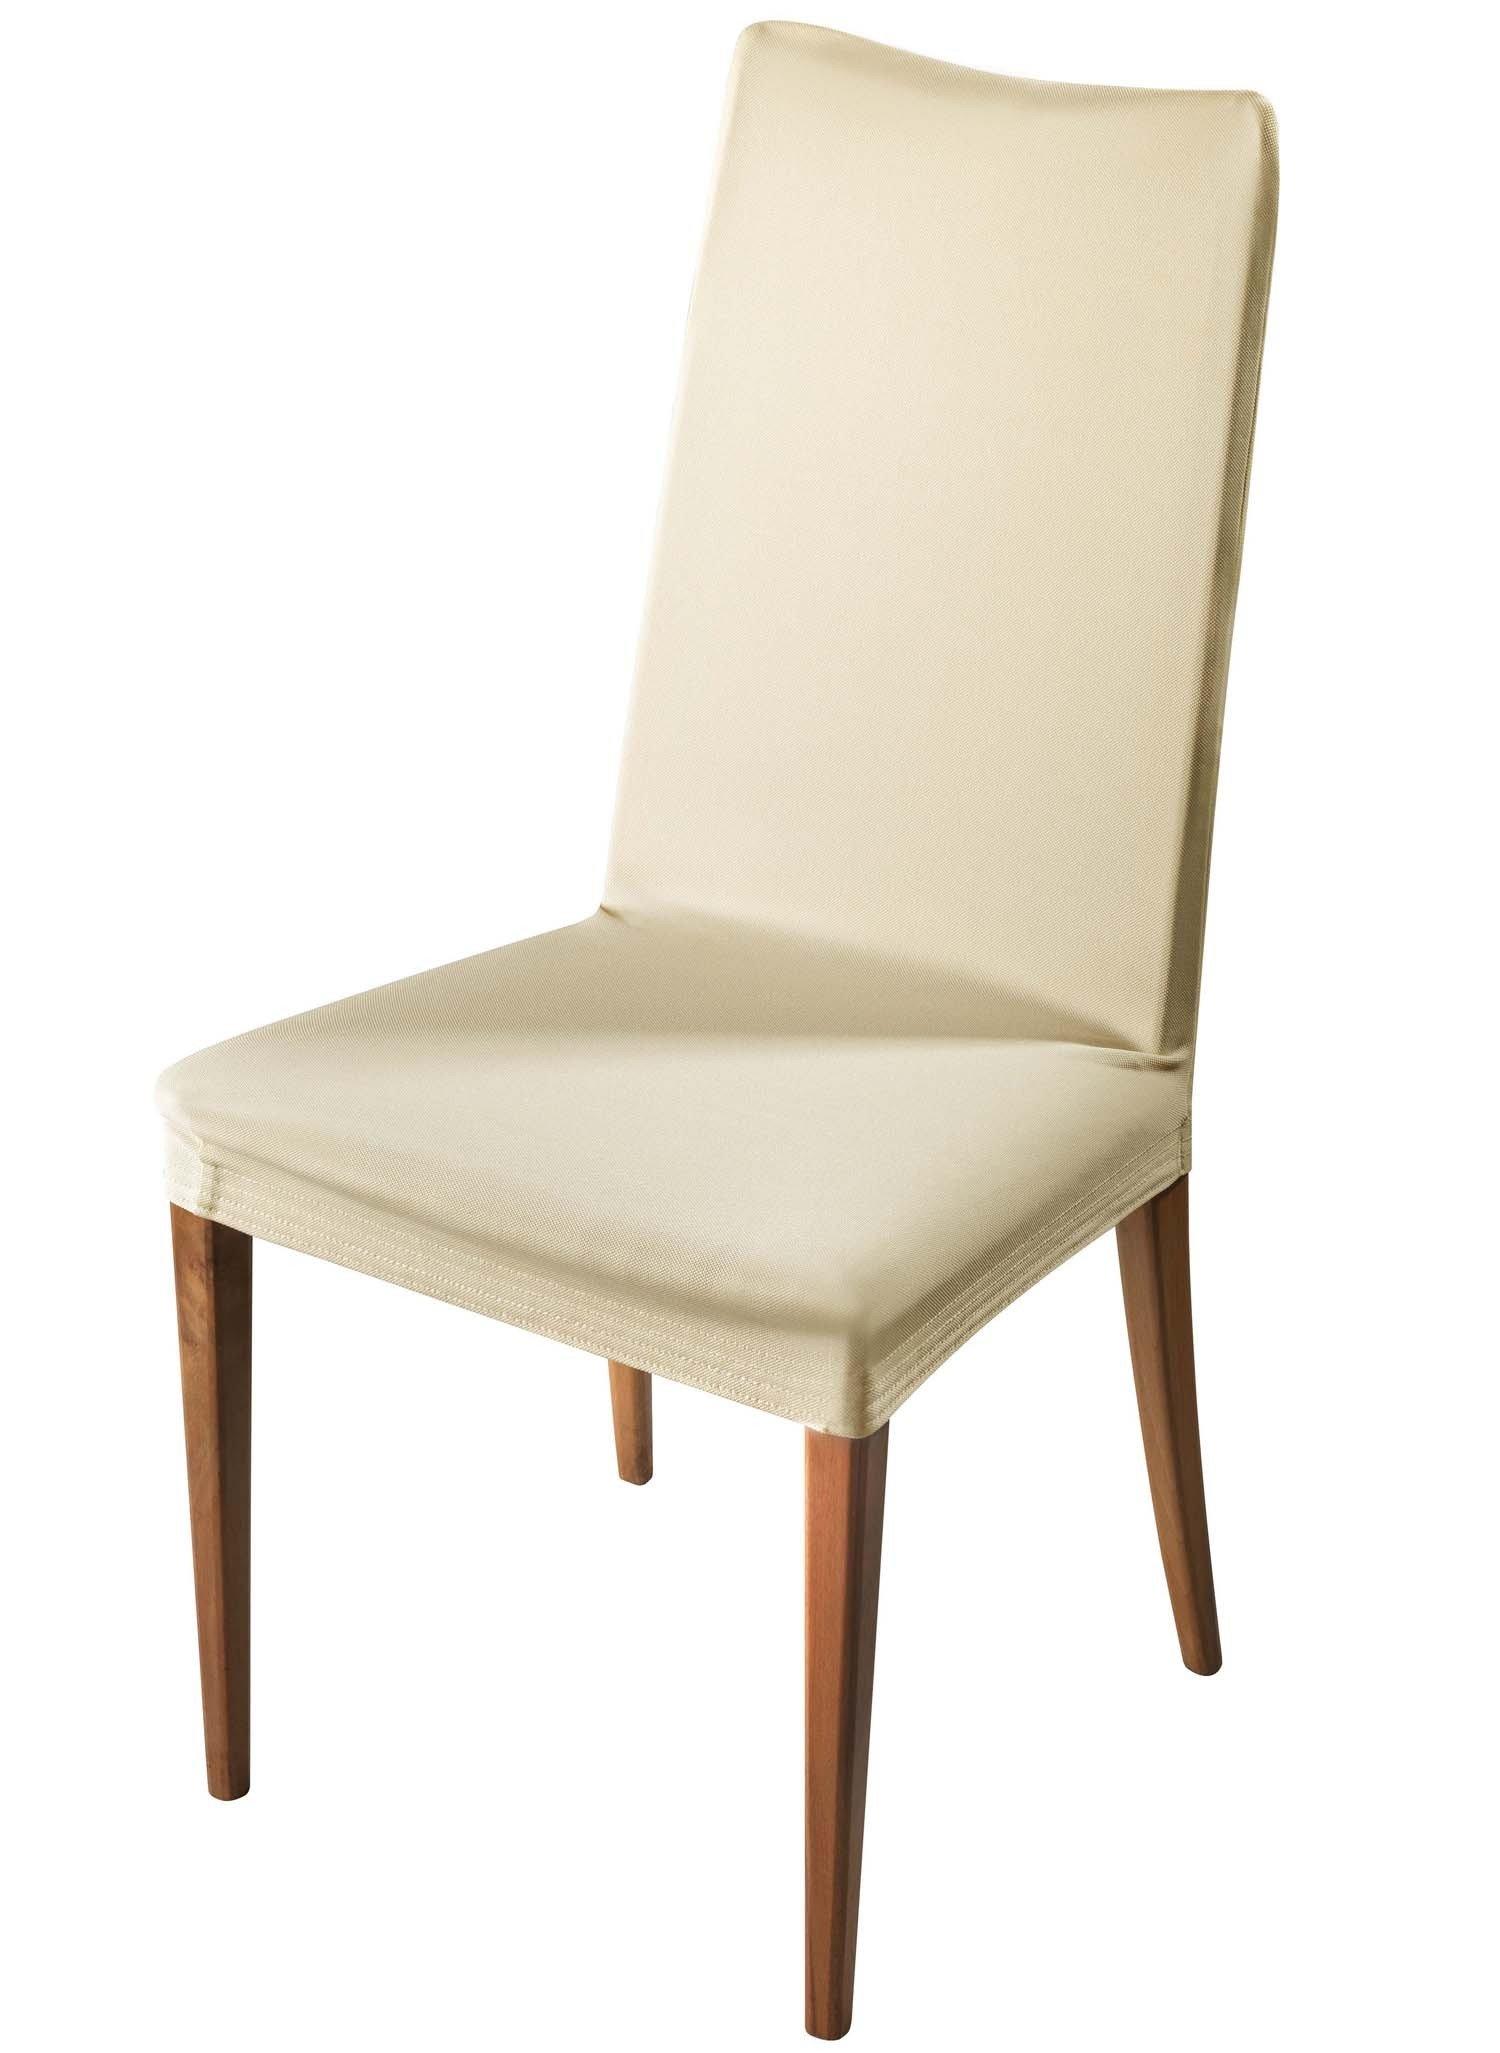 Schonbezug,Stühle h'beige 2St. - 1 - Ronja.ch